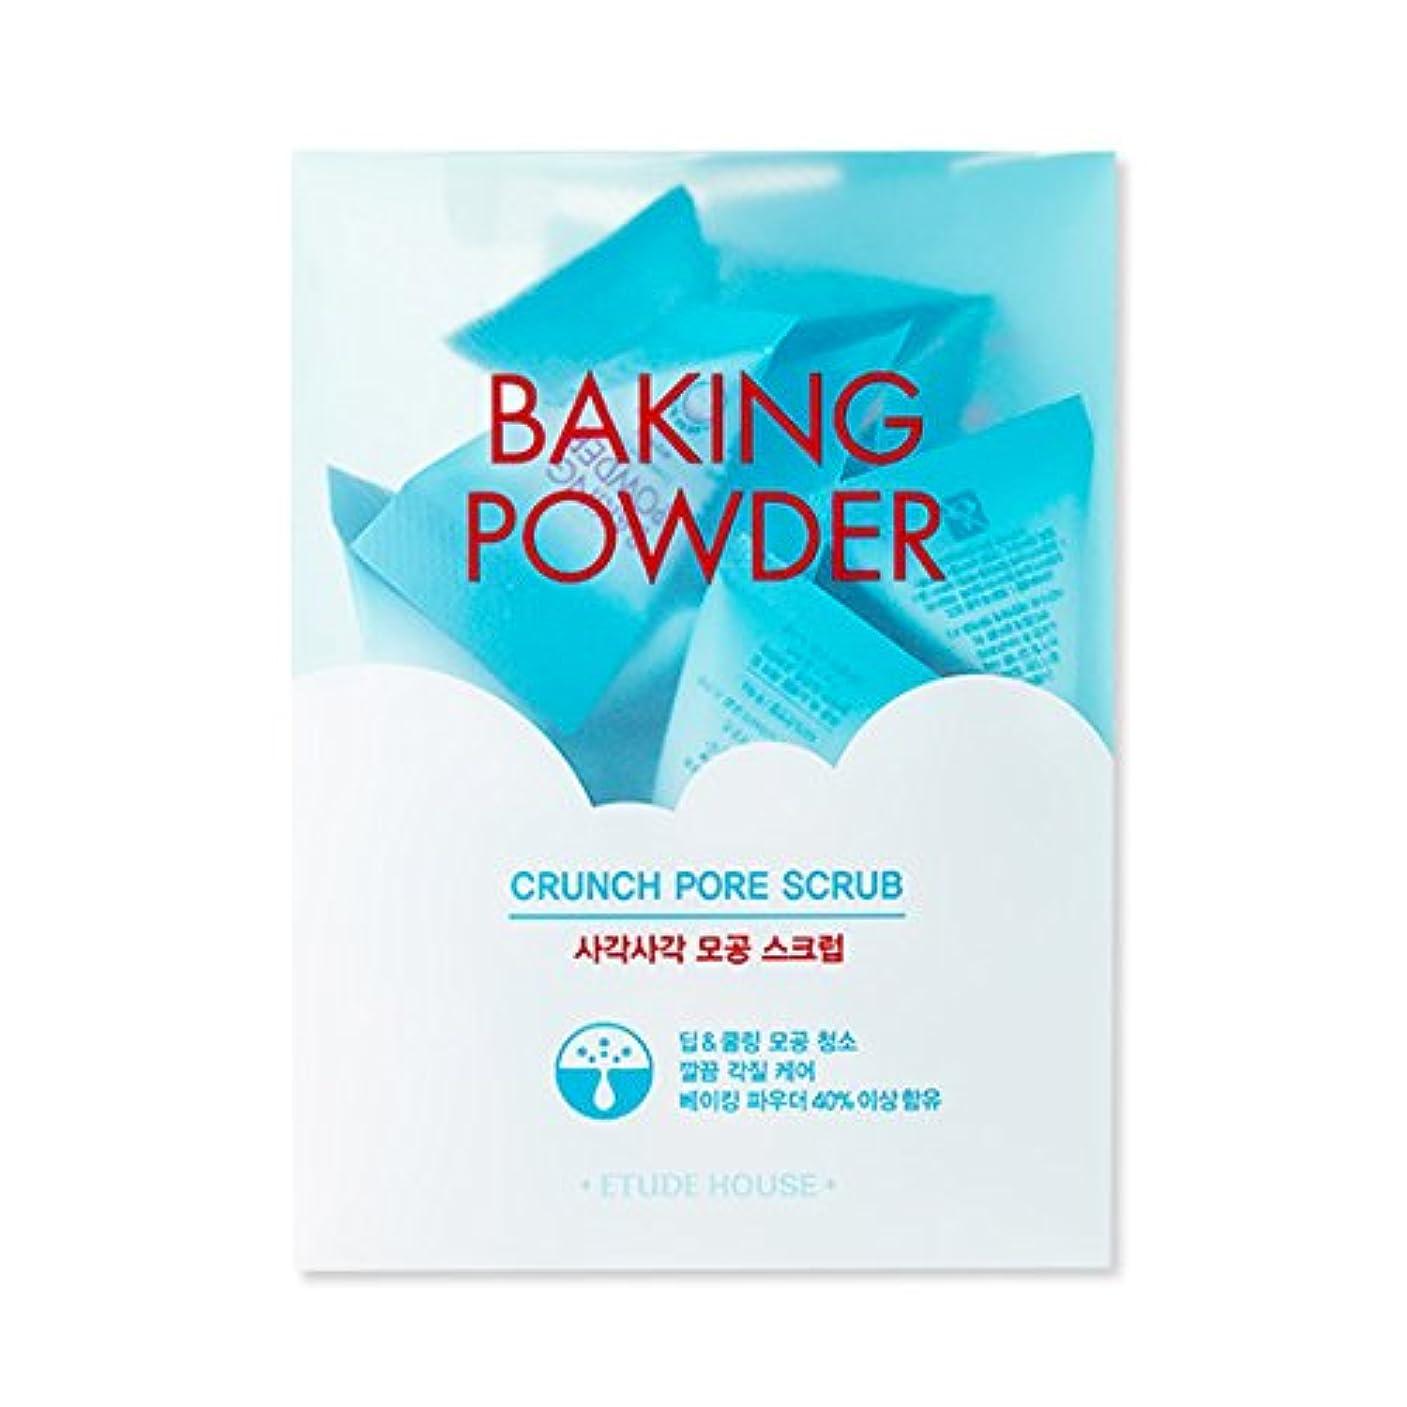 肉のぬるい強い[2016 Upgrade!] ETUDE HOUSE Baking Powder Crunch Pore Scrub 7g×24ea/エチュードハウス ベーキング パウダー クランチ ポア スクラブ 7g×24ea [...